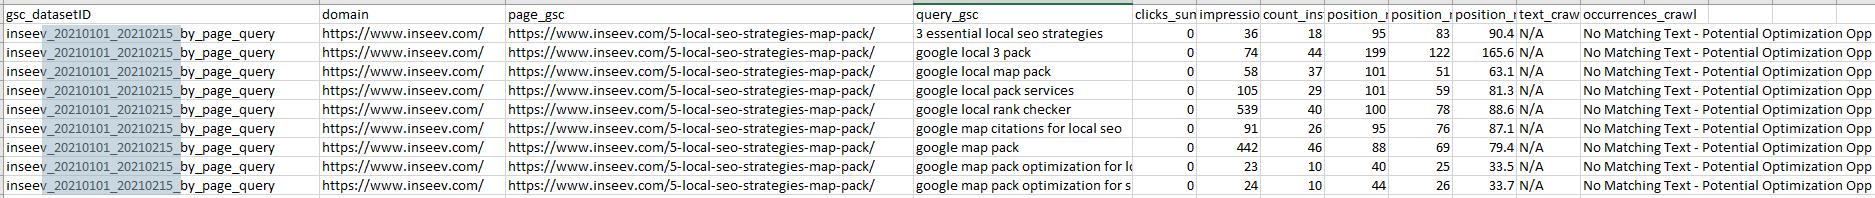 Внутри набора данных создается столбец gsc_datasetID, который включает дату диапазон извлечения.